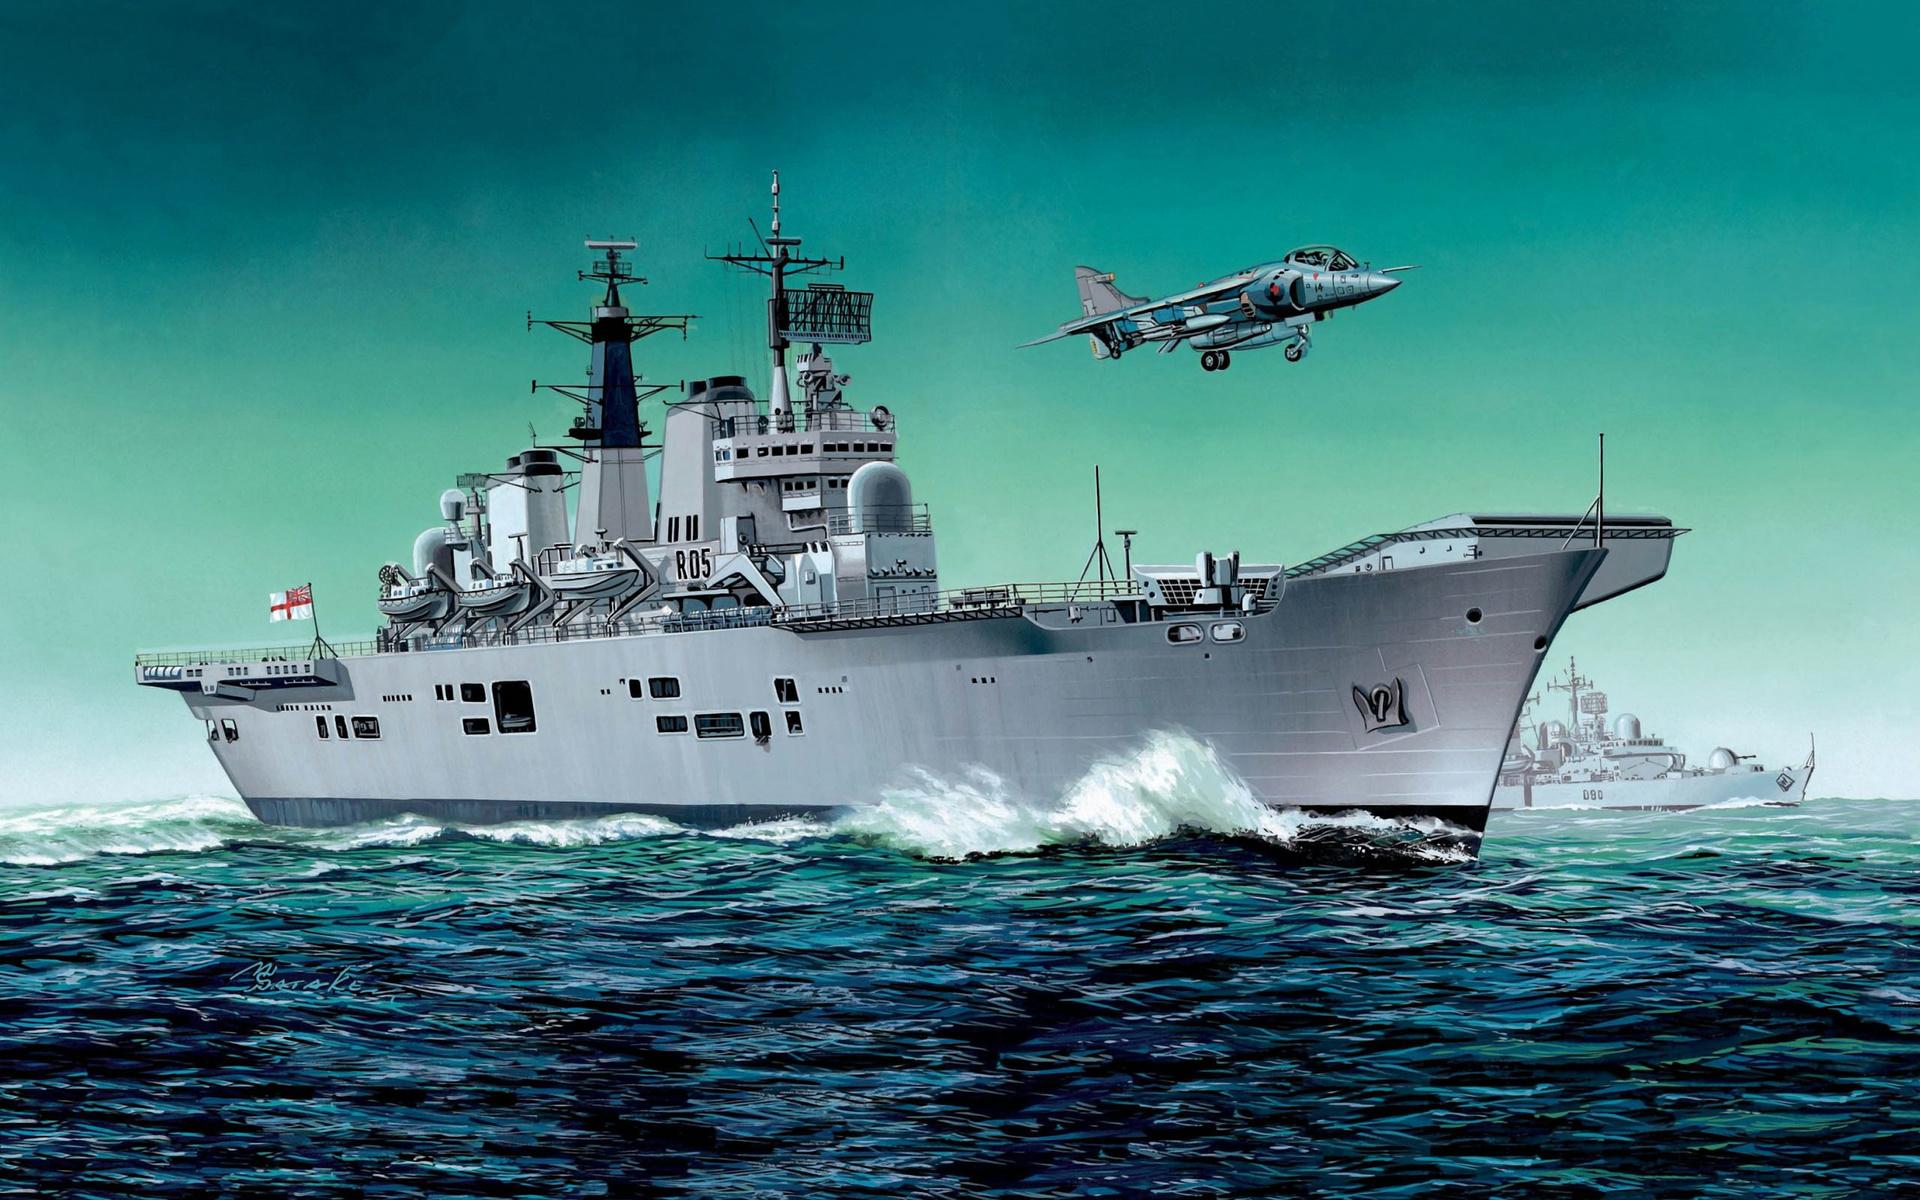 Картинки военных кораблей, открыток фото синяя